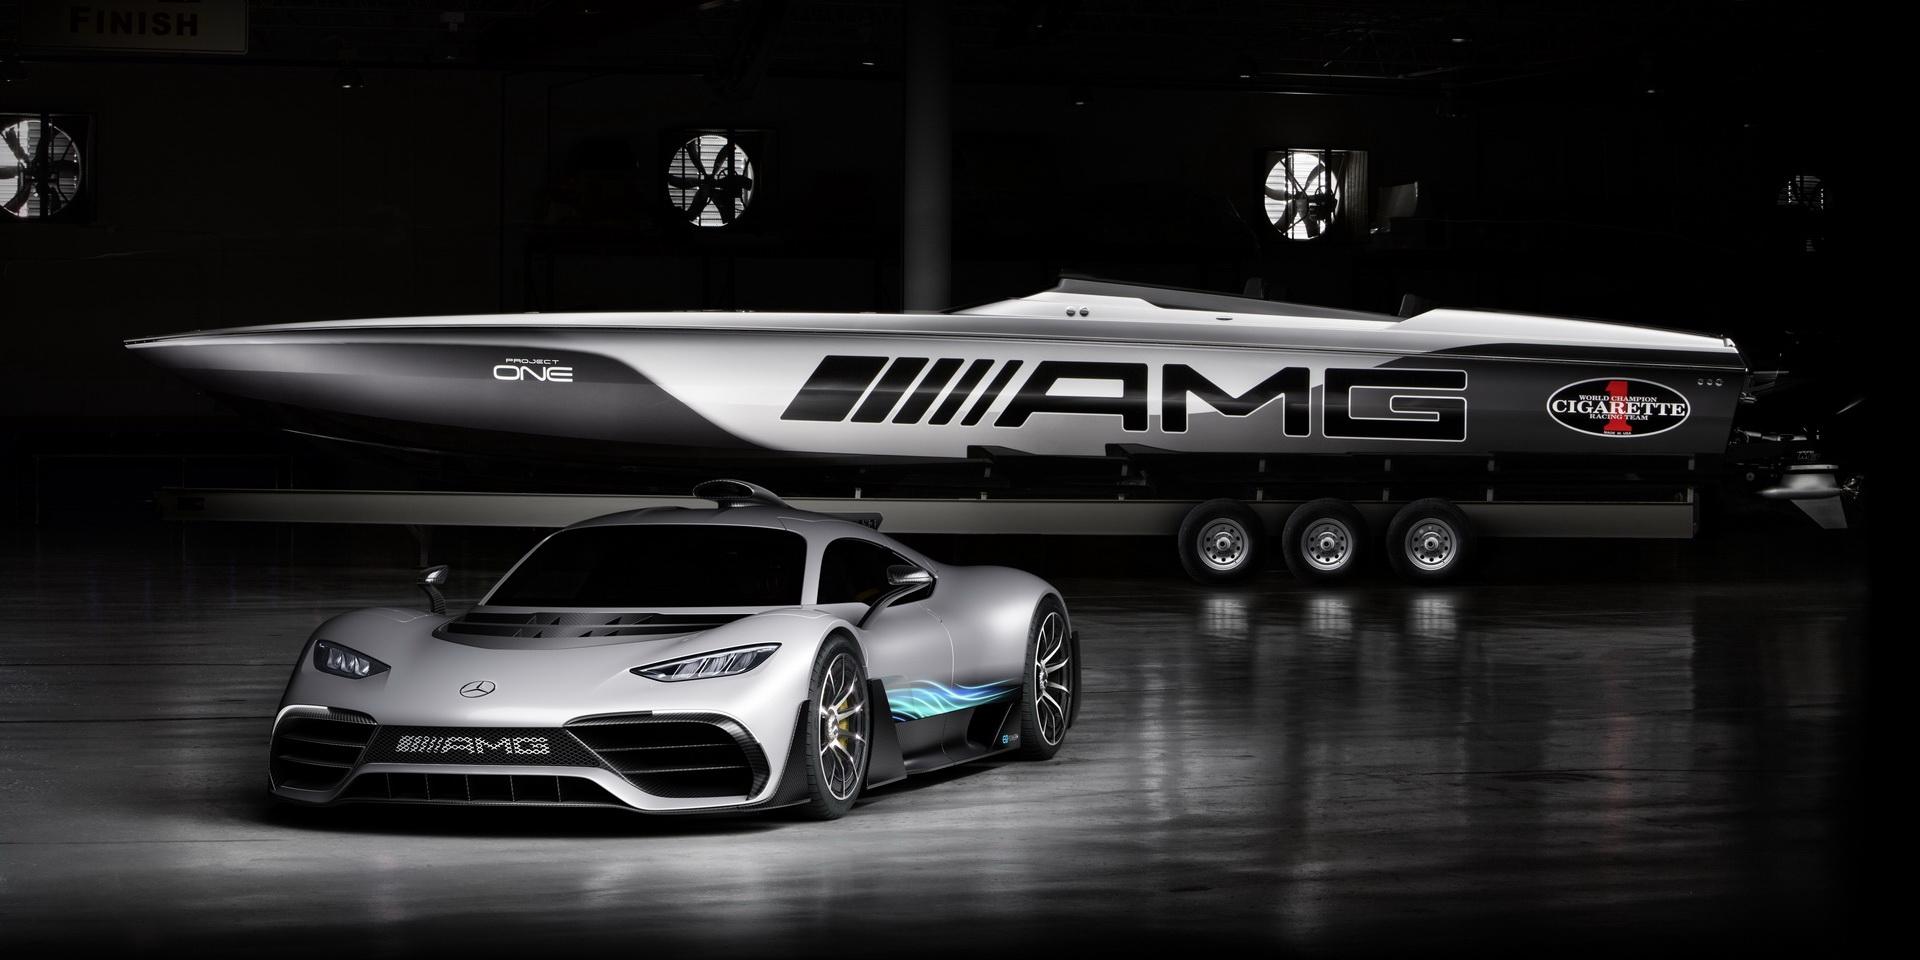 源自Mercedes-AMG Project One的靈感,擁有3,100hp的Cigarette Racing 515遊艇